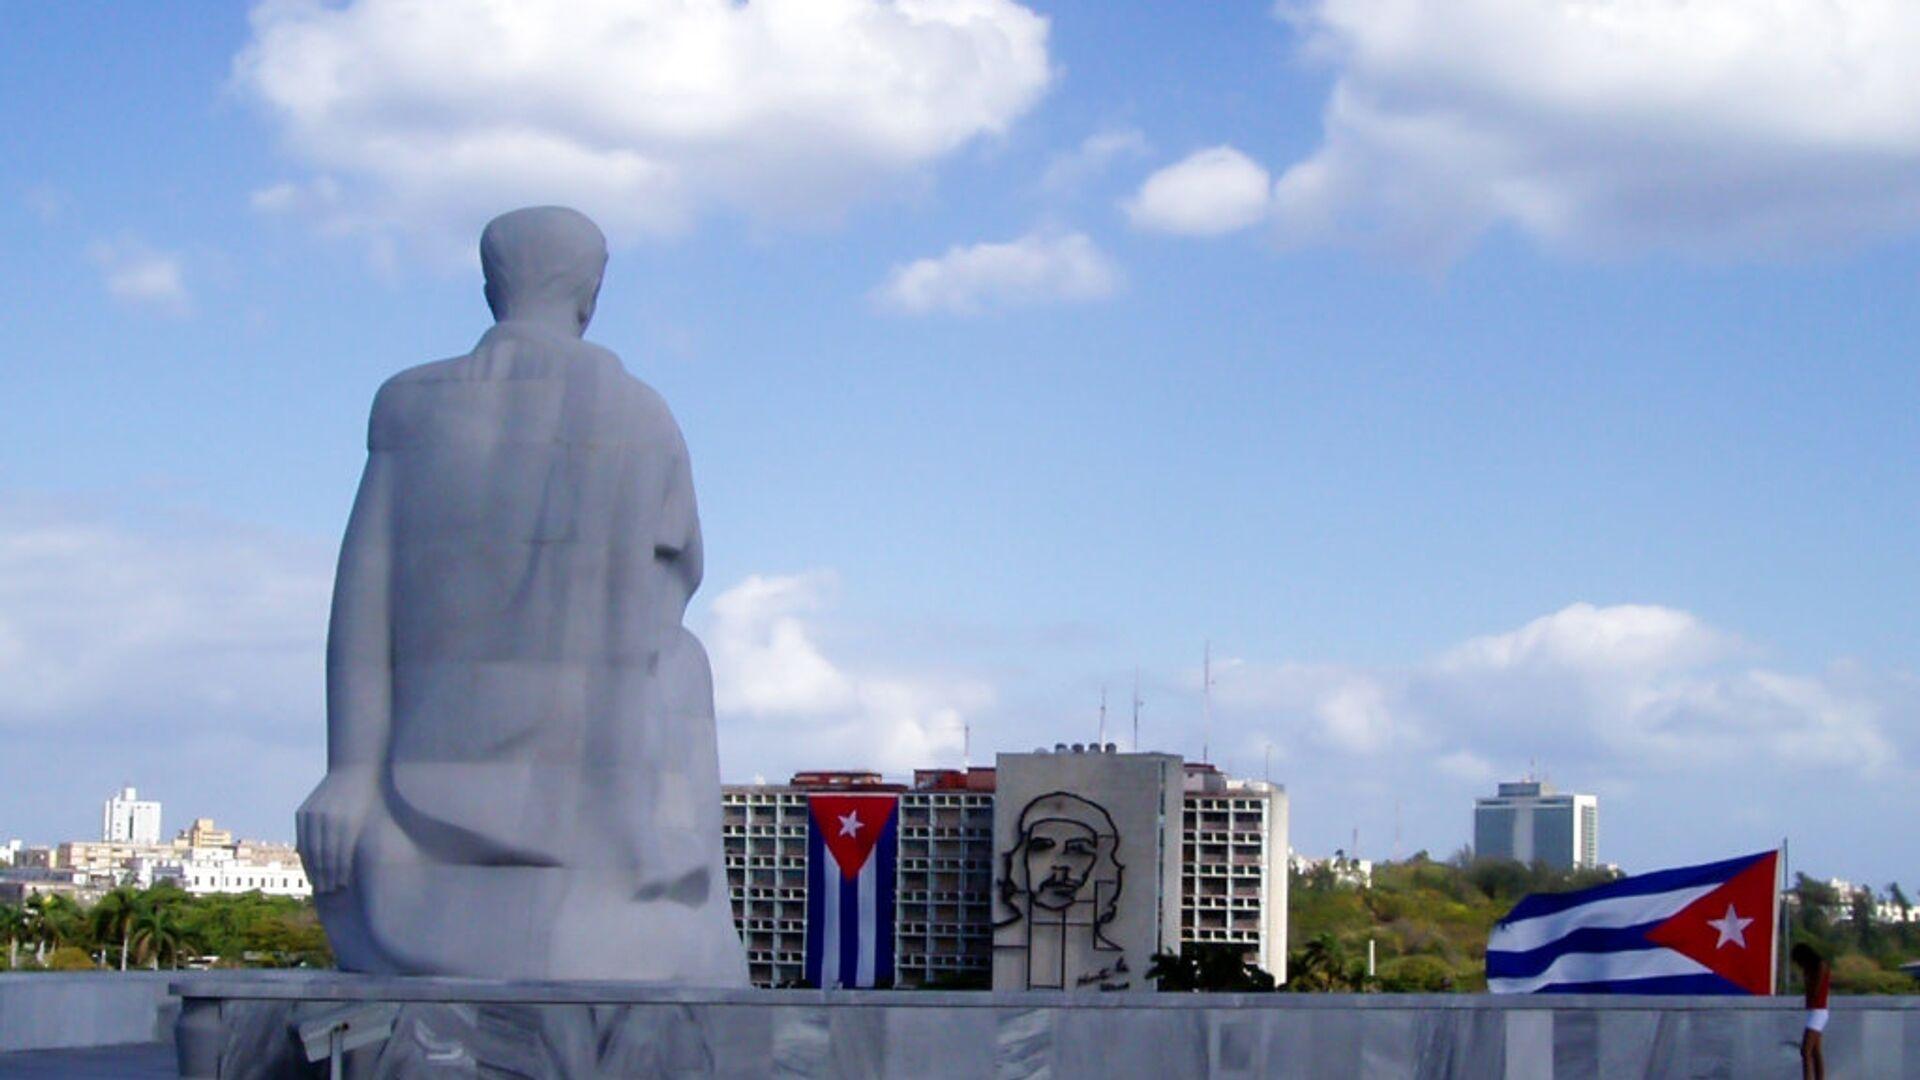 Monumento al escritor José Martí en la plaza de la Revolución en La Habana, Cuba - Sputnik Mundo, 1920, 11.05.2021